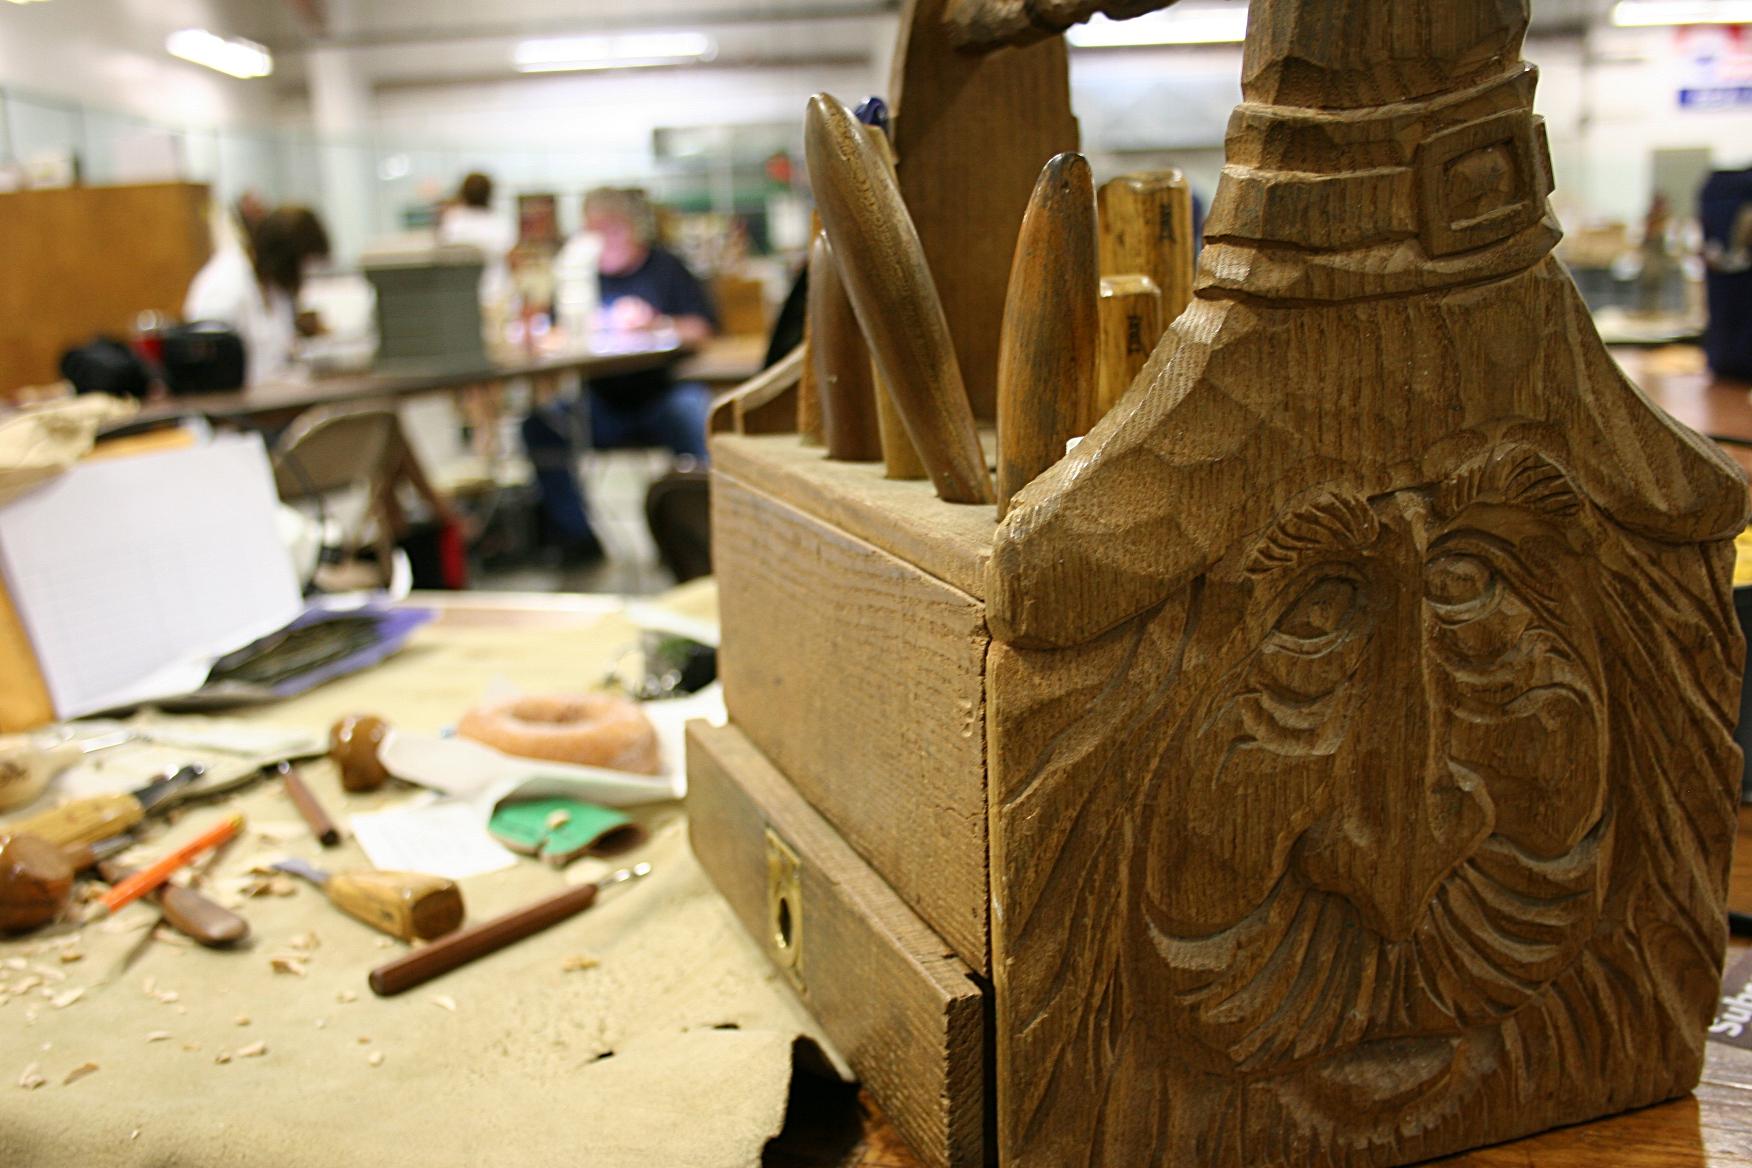 Pdf wood carving tool box plans diy free balsa glider